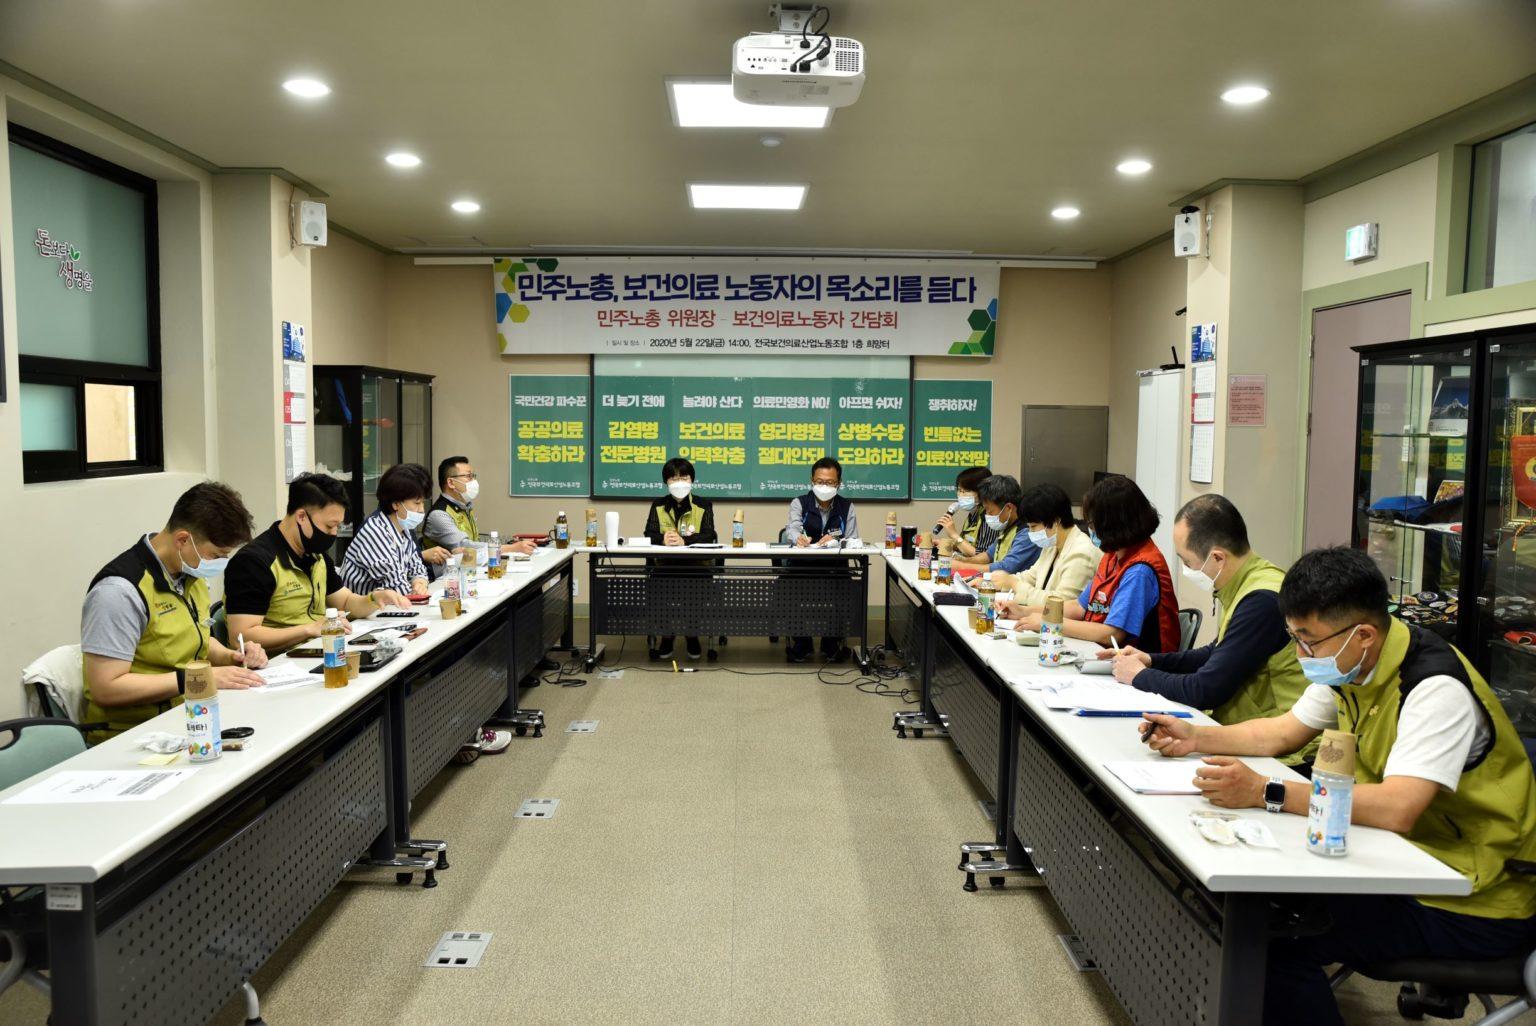 1층 희망터40여석의 회의실인 희망터는 중소규모의 공간으로 각종 전국 차원의 회의는 물론  본부별, 지부별 교육과 모임 등이 이루어지고 있습니다.